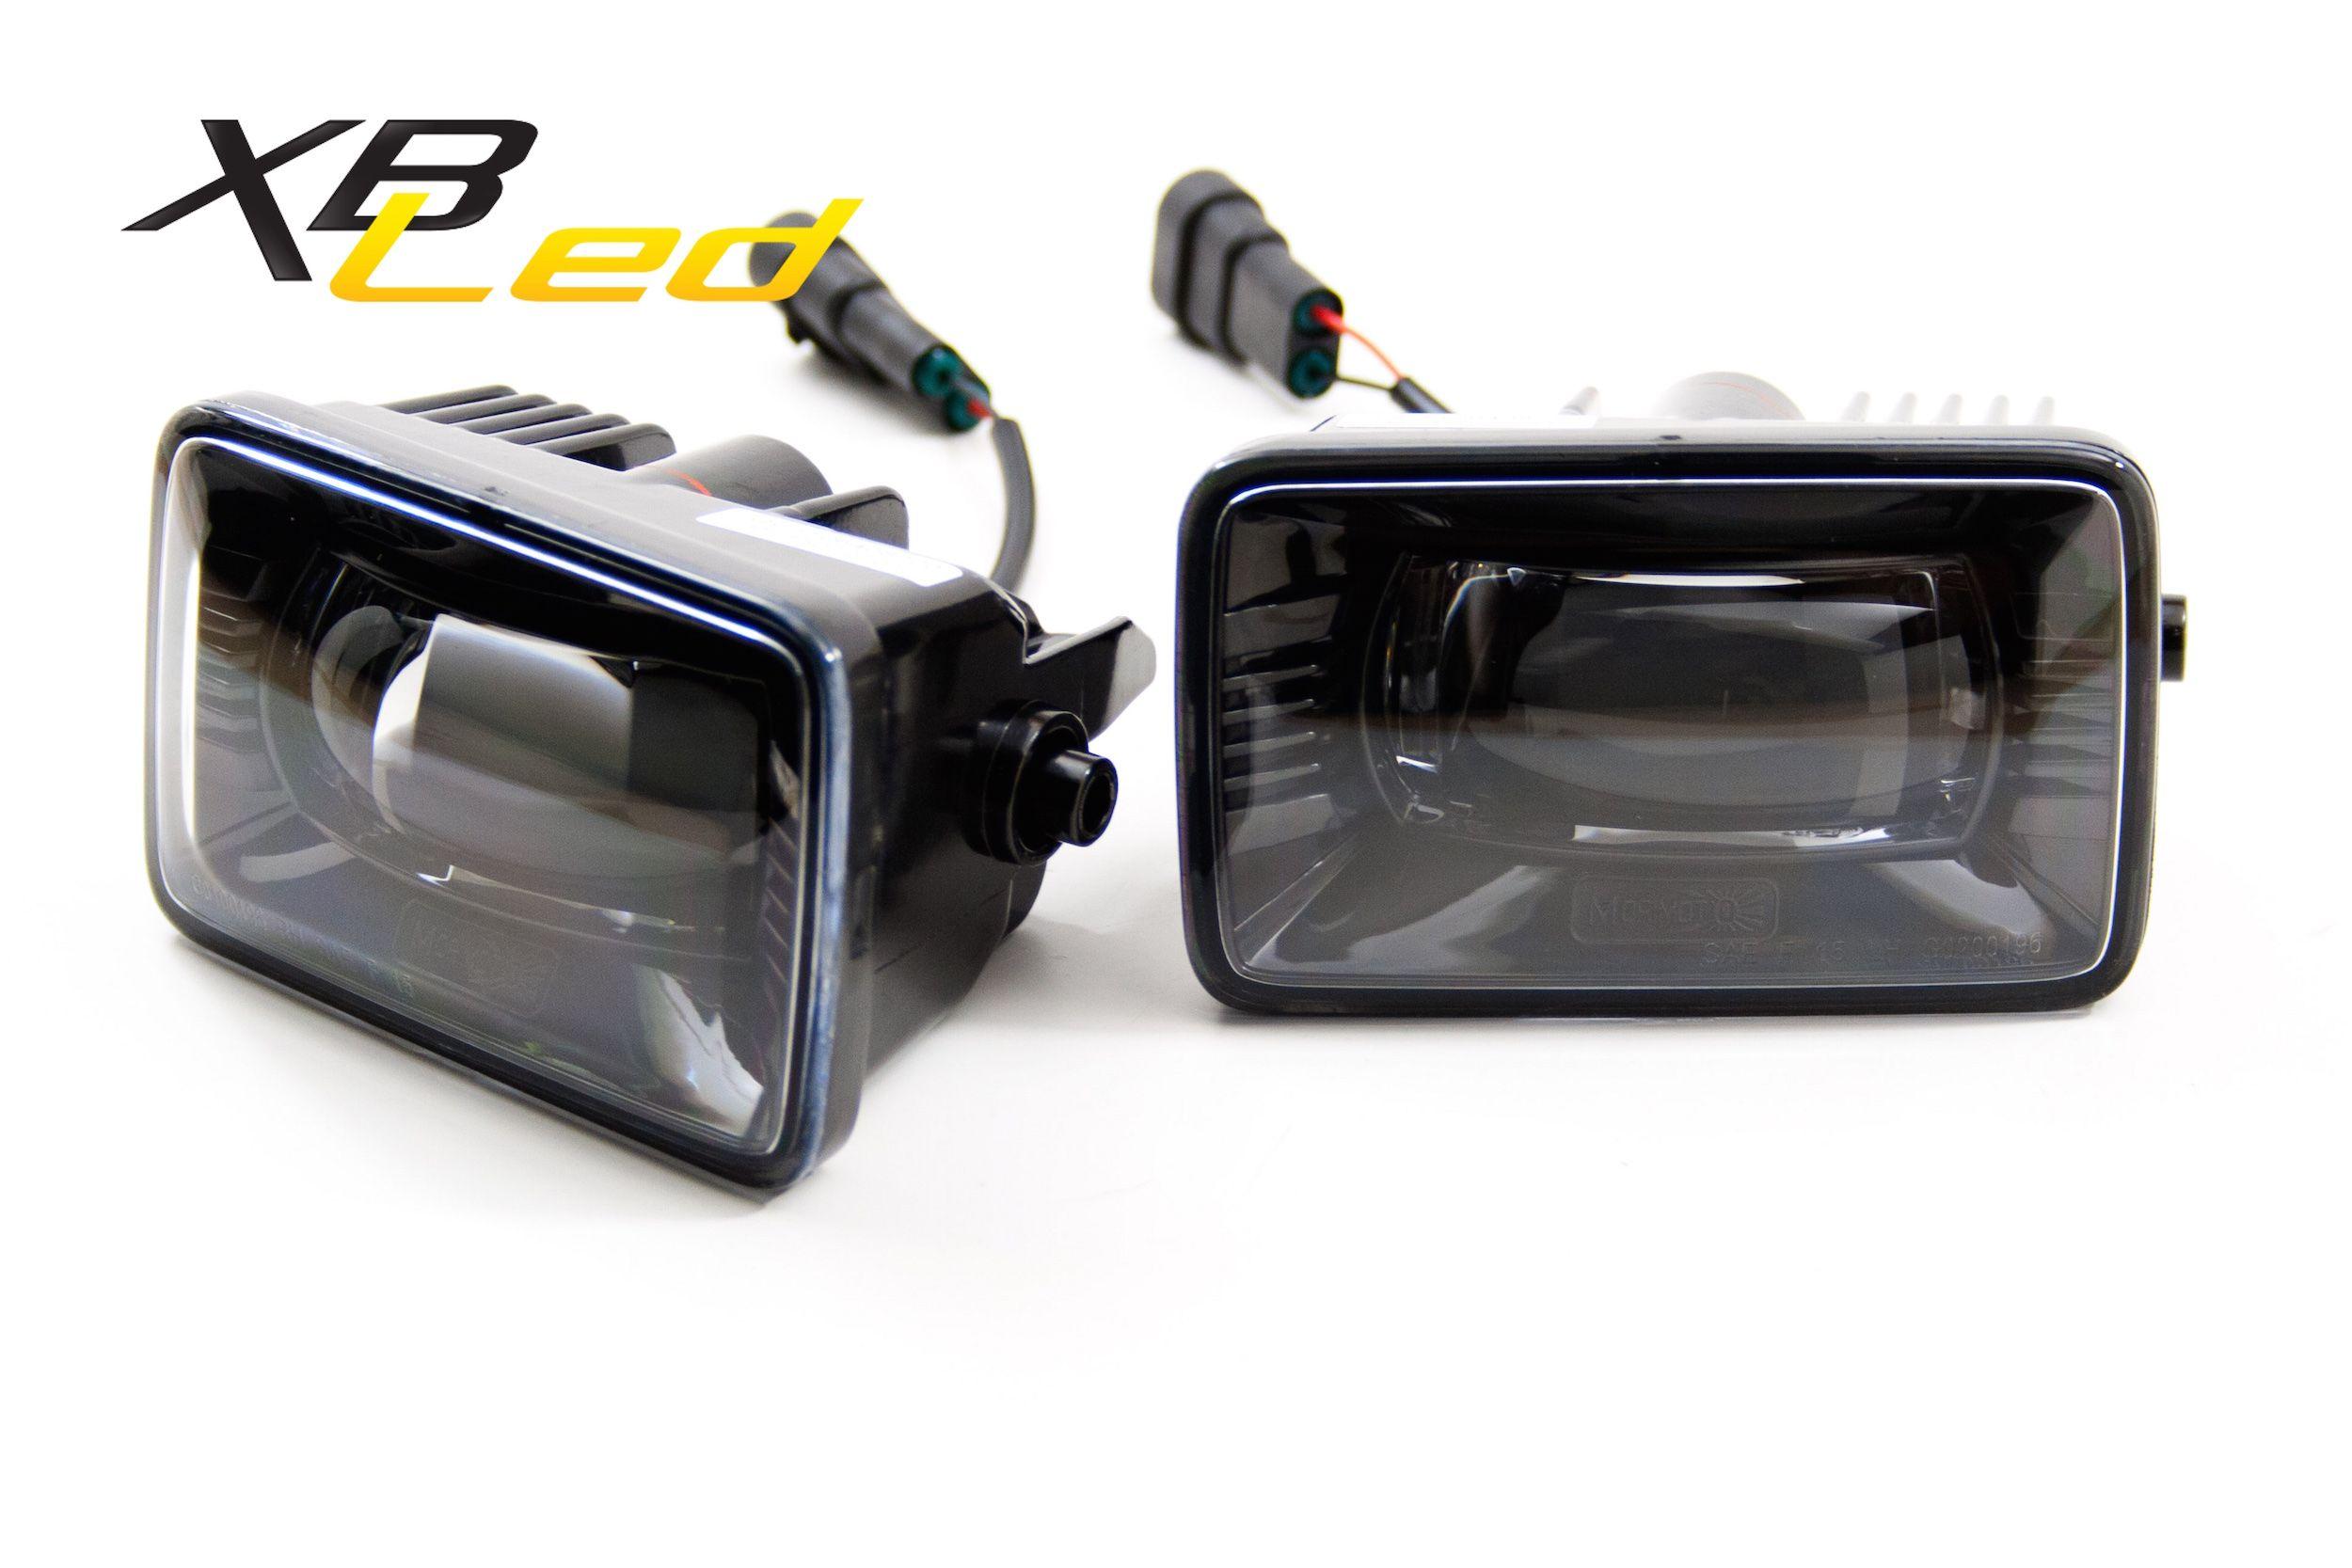 Details About Ford F150 2015 Morimoto Xb Led Fog Lights F 150